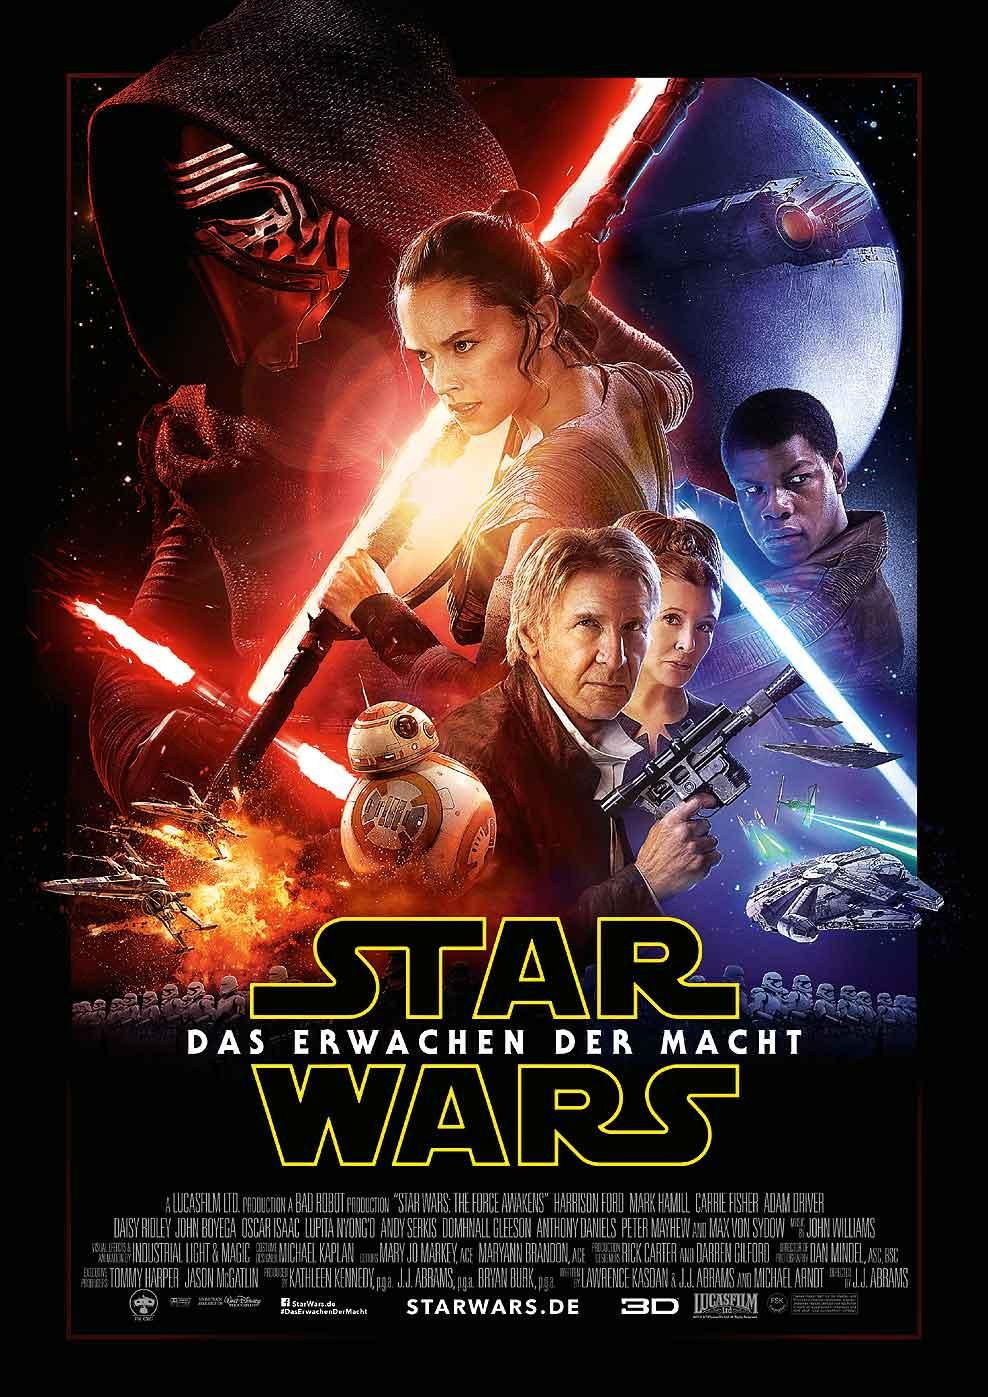 Star Wars: Das Erwachen der Macht (Poster)